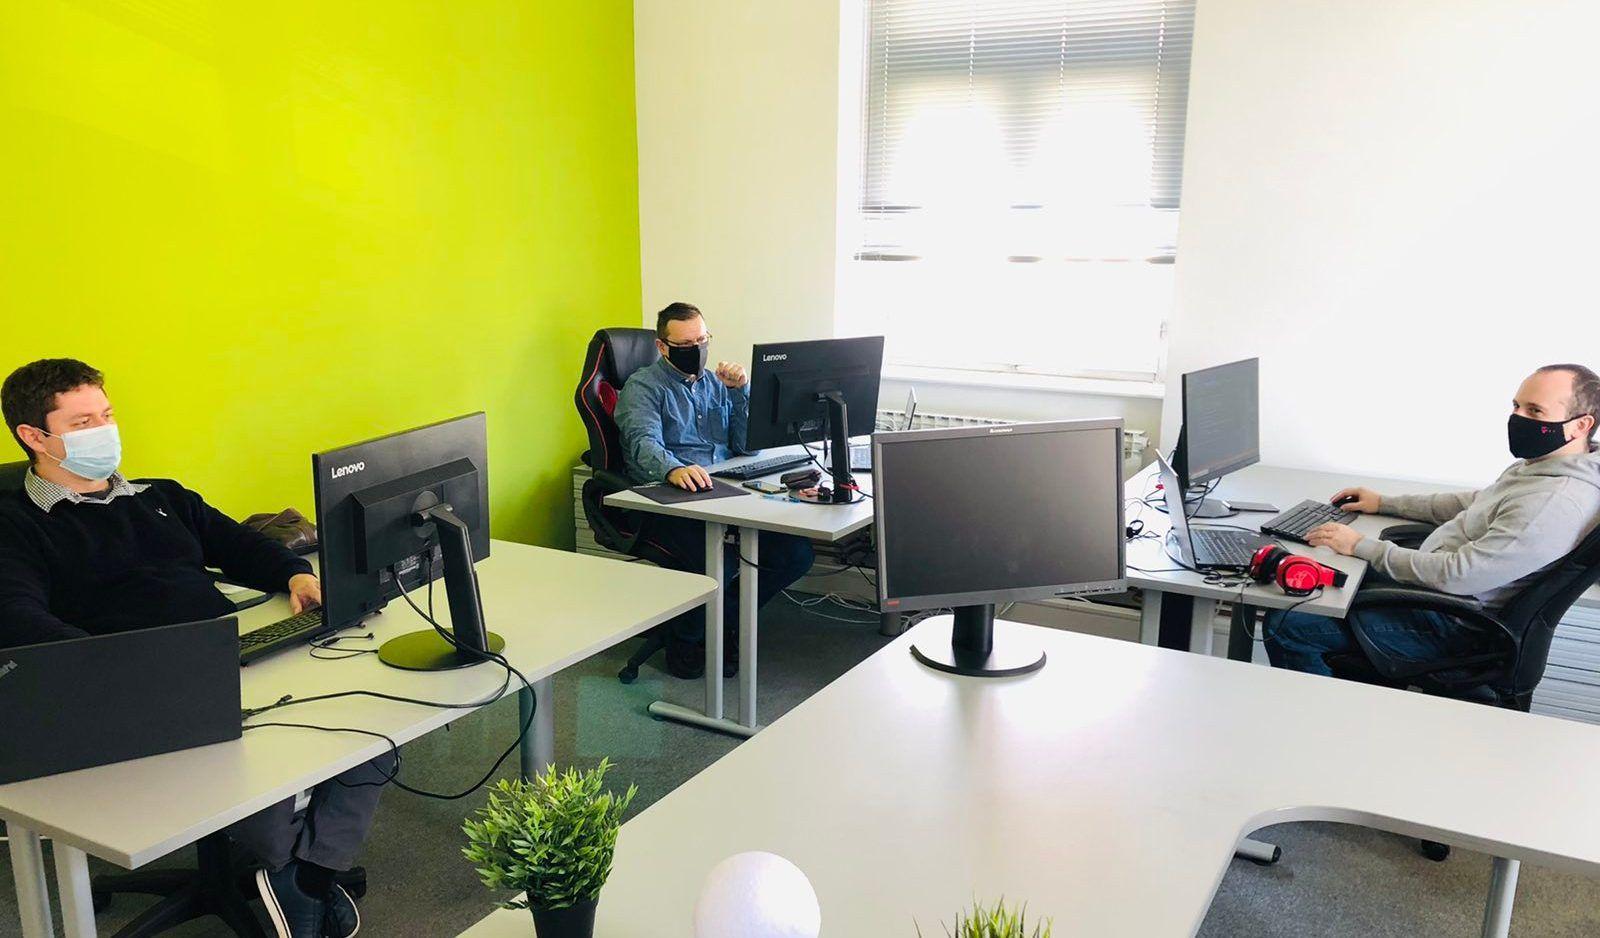 Gradonačelnik Hrebak: Osiguran novi prostor za 13 start-up tvrtki - IT zajednica u Bjelovaru bit će stup bjelovarskog gospodarstva